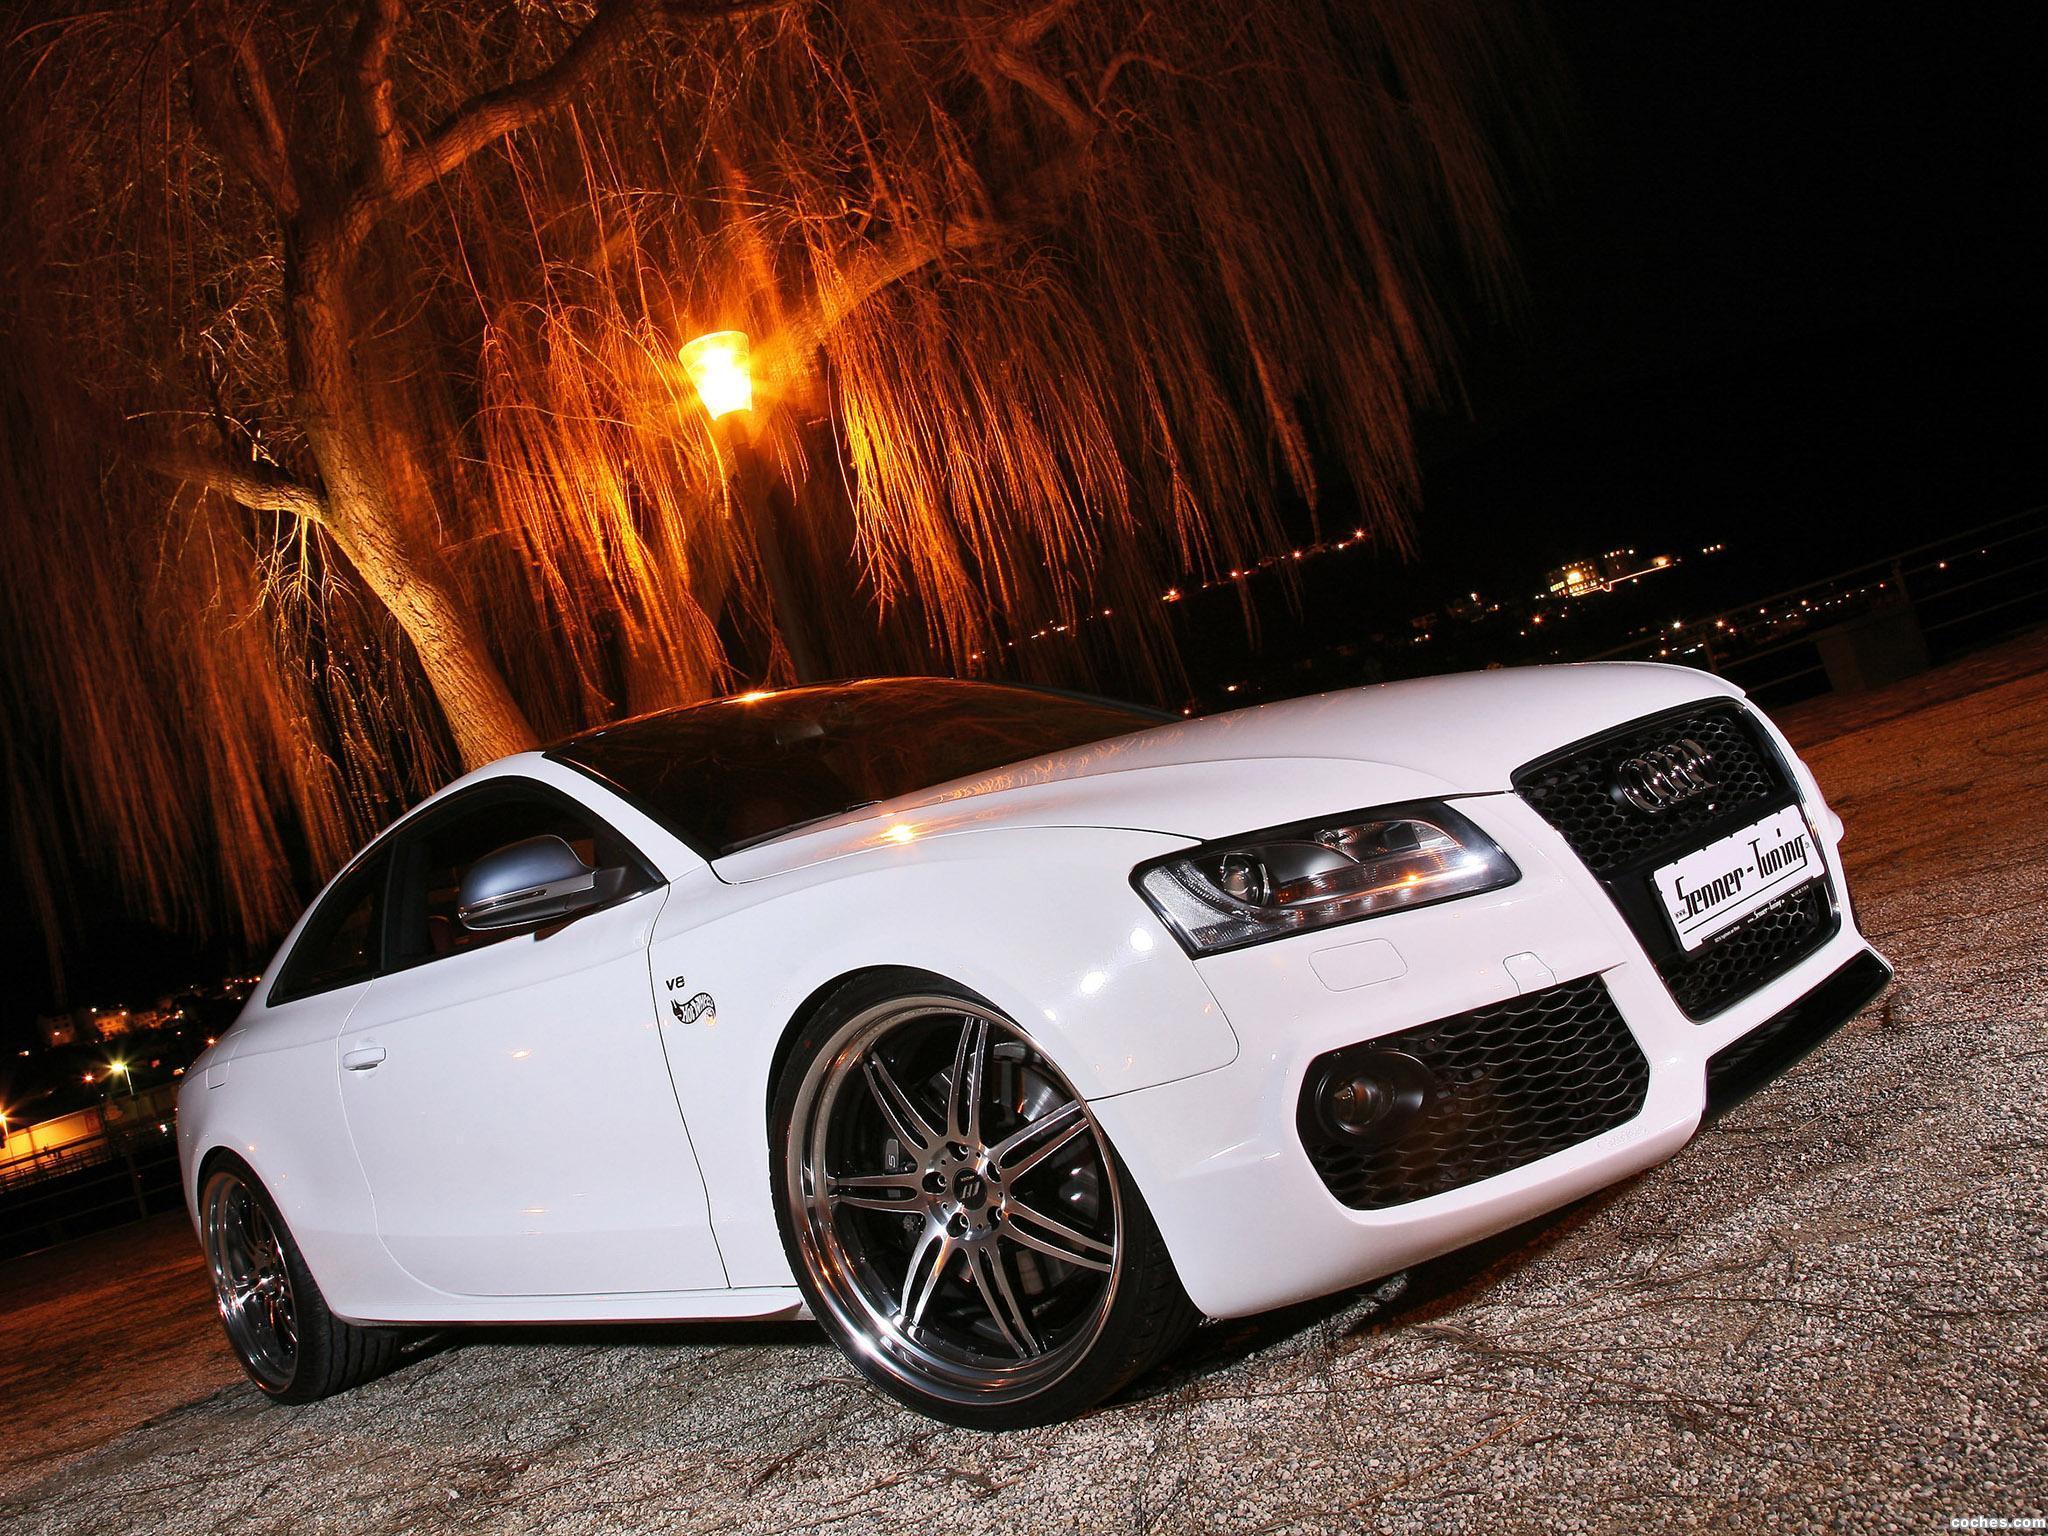 Foto 0 de Senner Audi S5 White Beast 2010